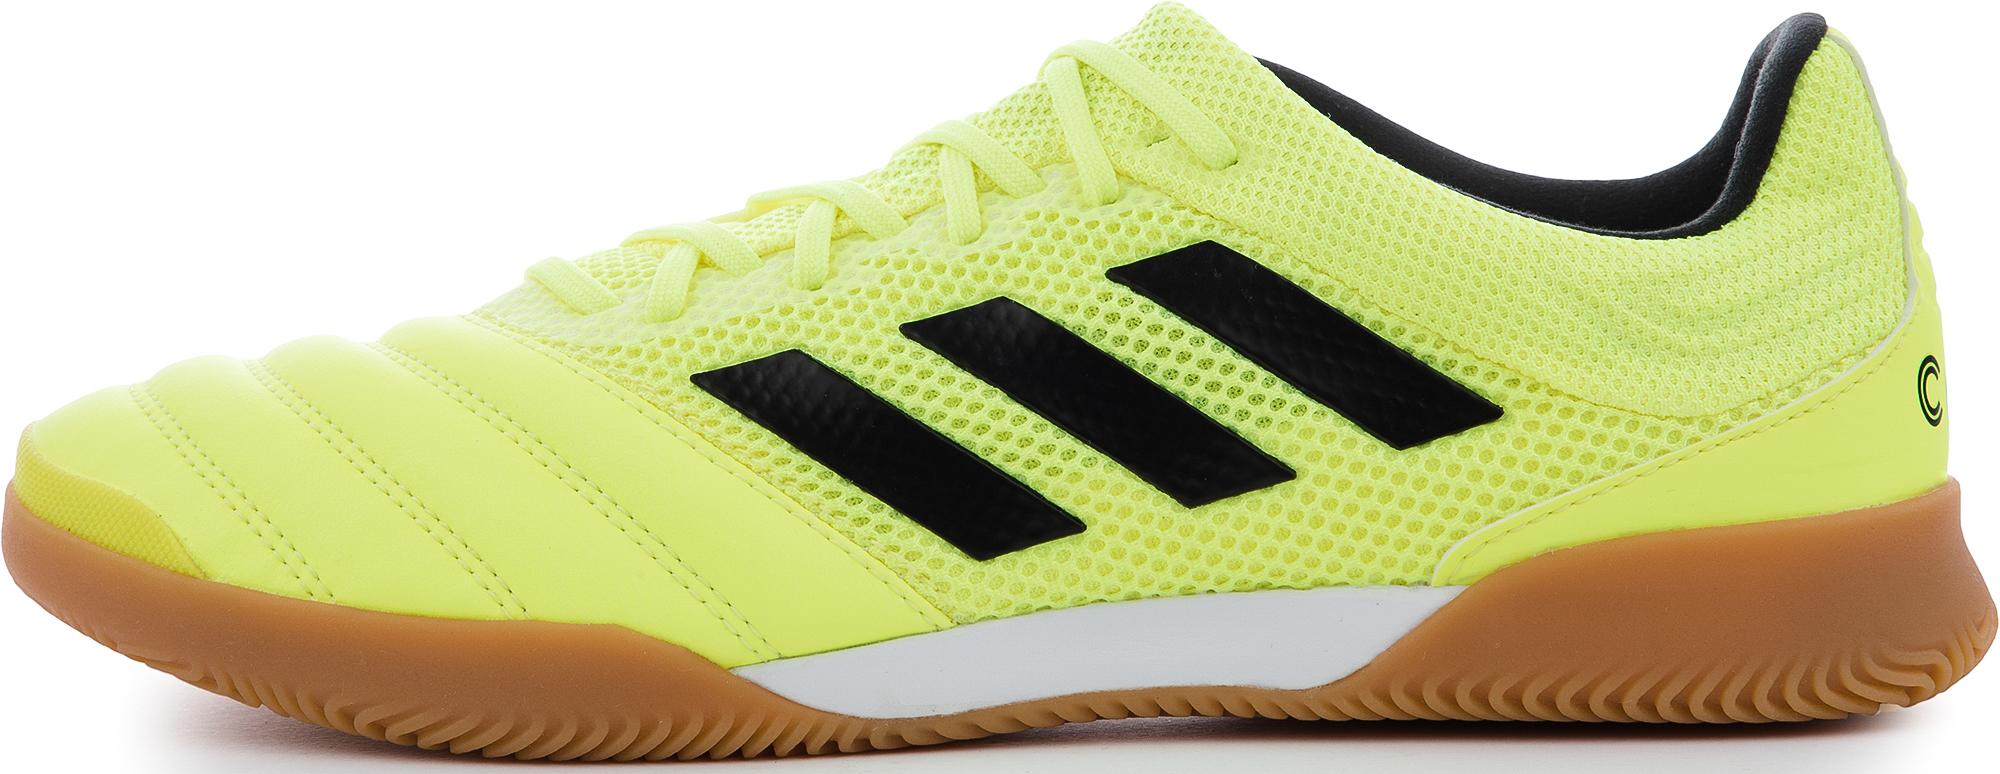 Adidas Бутсы мужские Copa 19.3 IN Sala, размер 44,5